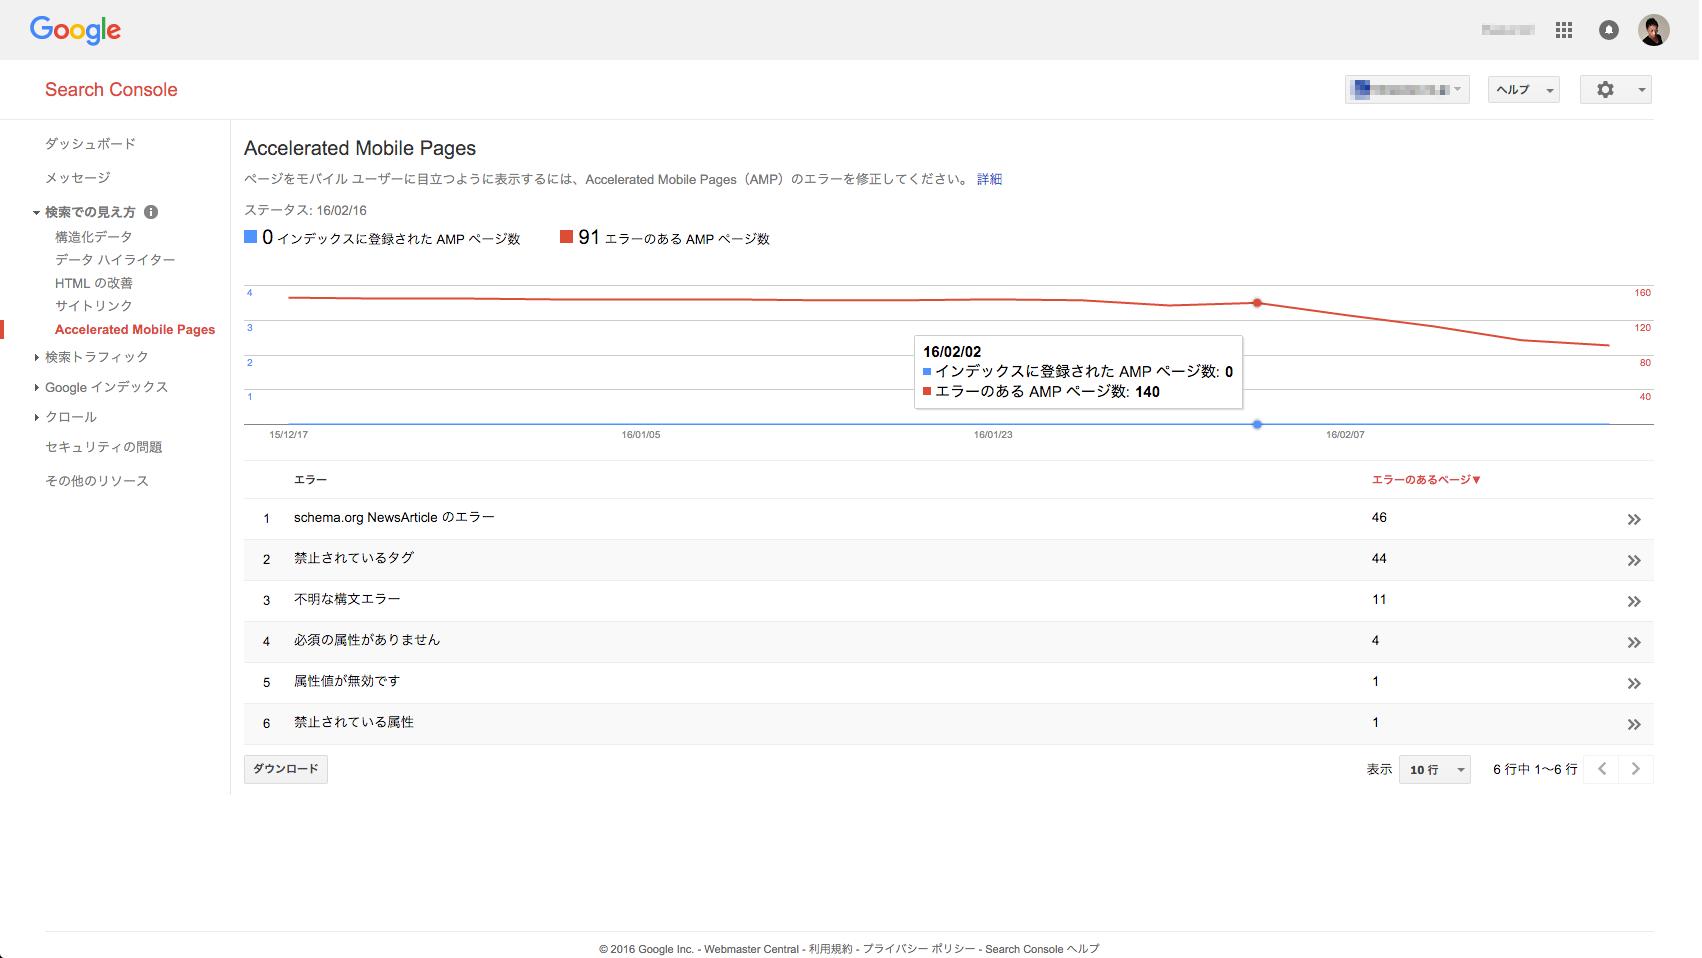 GoogleのAMPページのインデックスが2016/2/2に増加しなかったサイトも